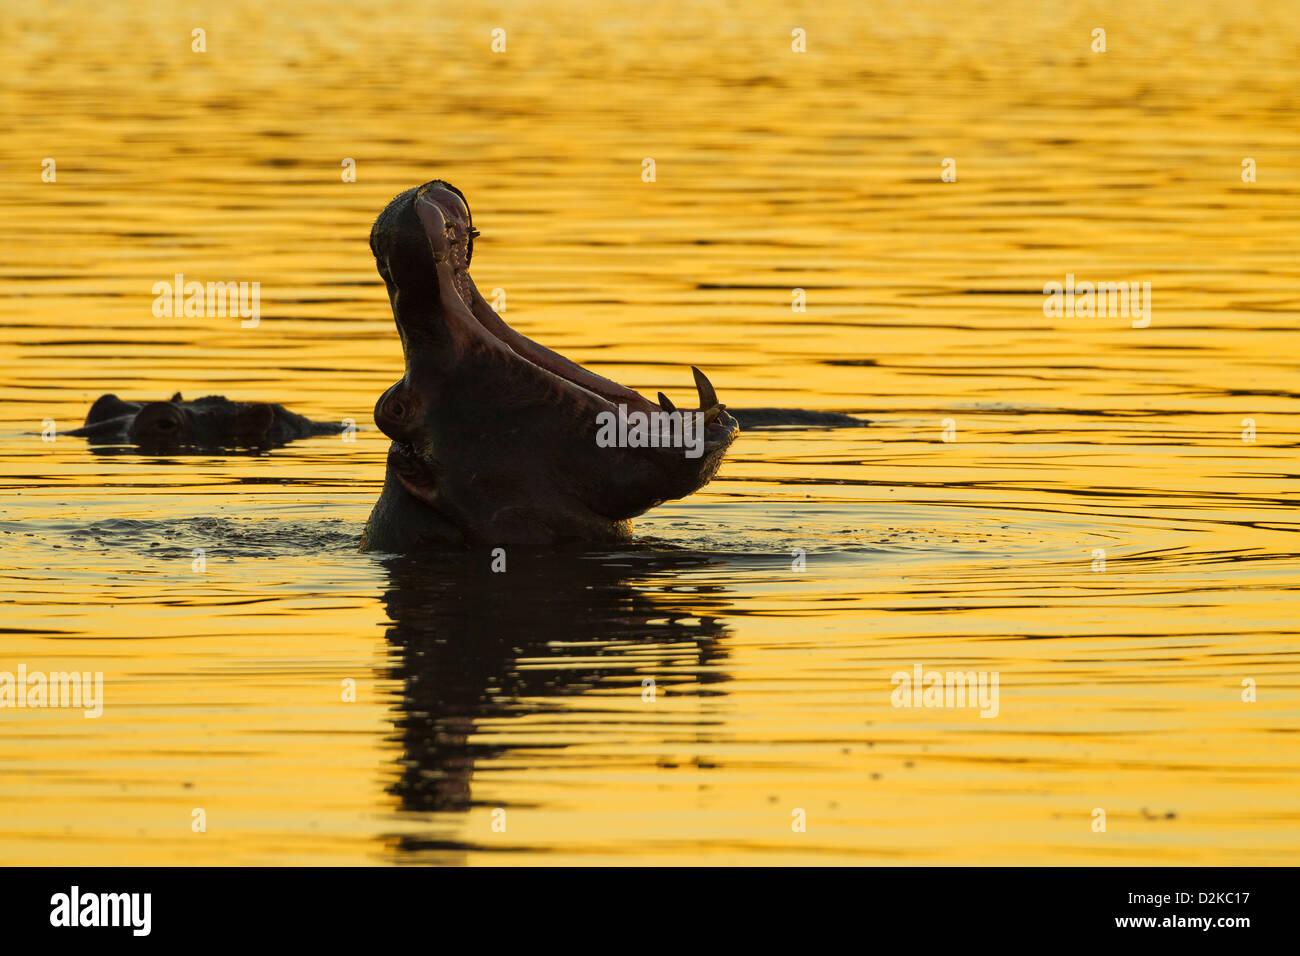 Silhouette di un ippopotamo sbadigli nel golden luce della sera Immagini Stock